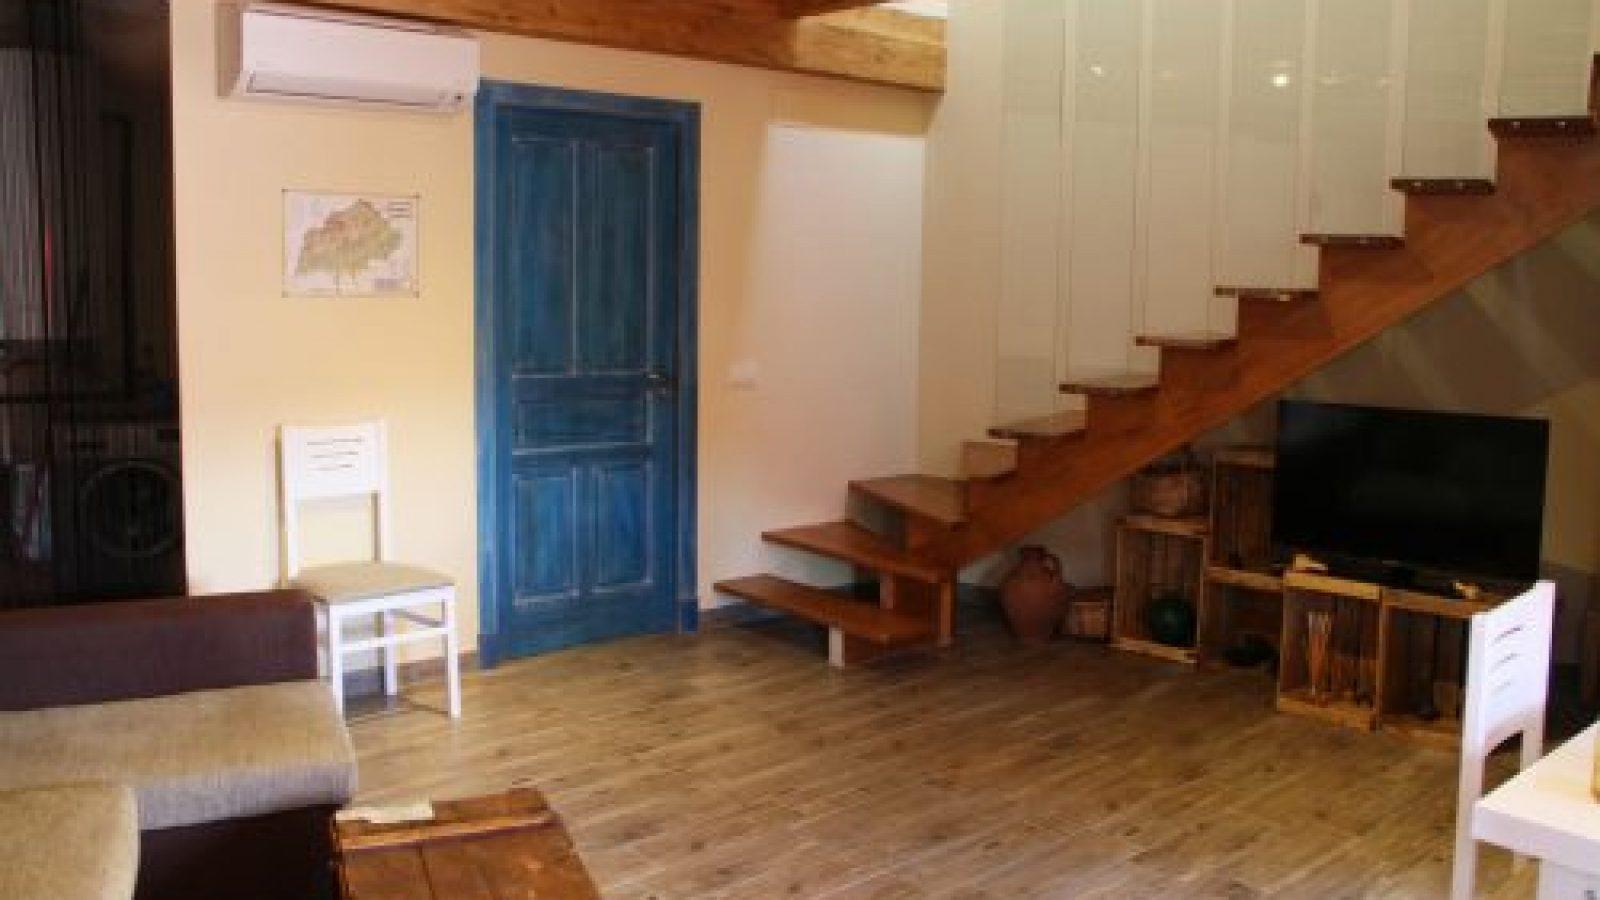 escaleras casa rural en Extremadura